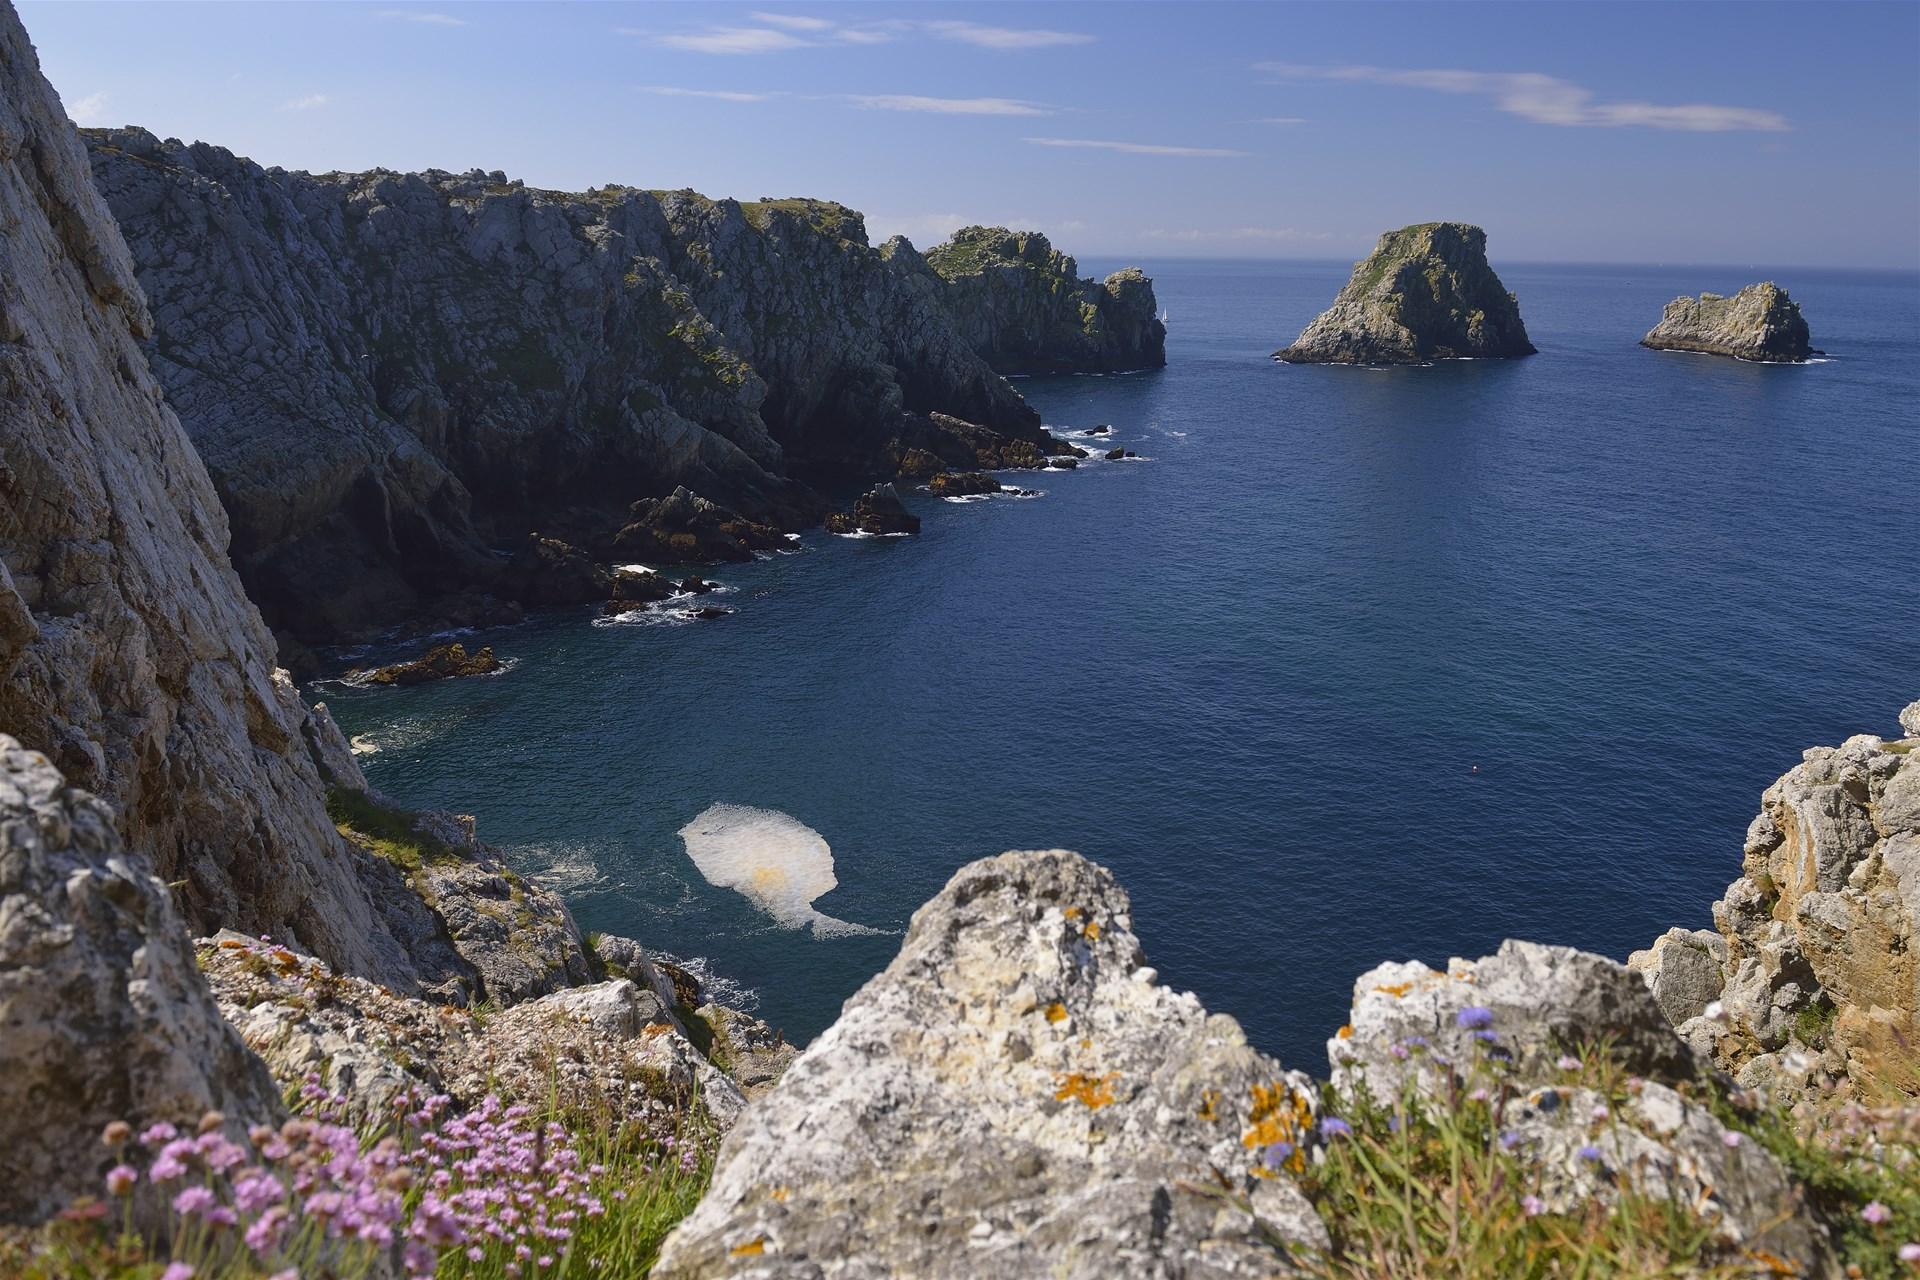 GR 34 - Crozon - Finistère - Pointe de Pen Hir - Camaret